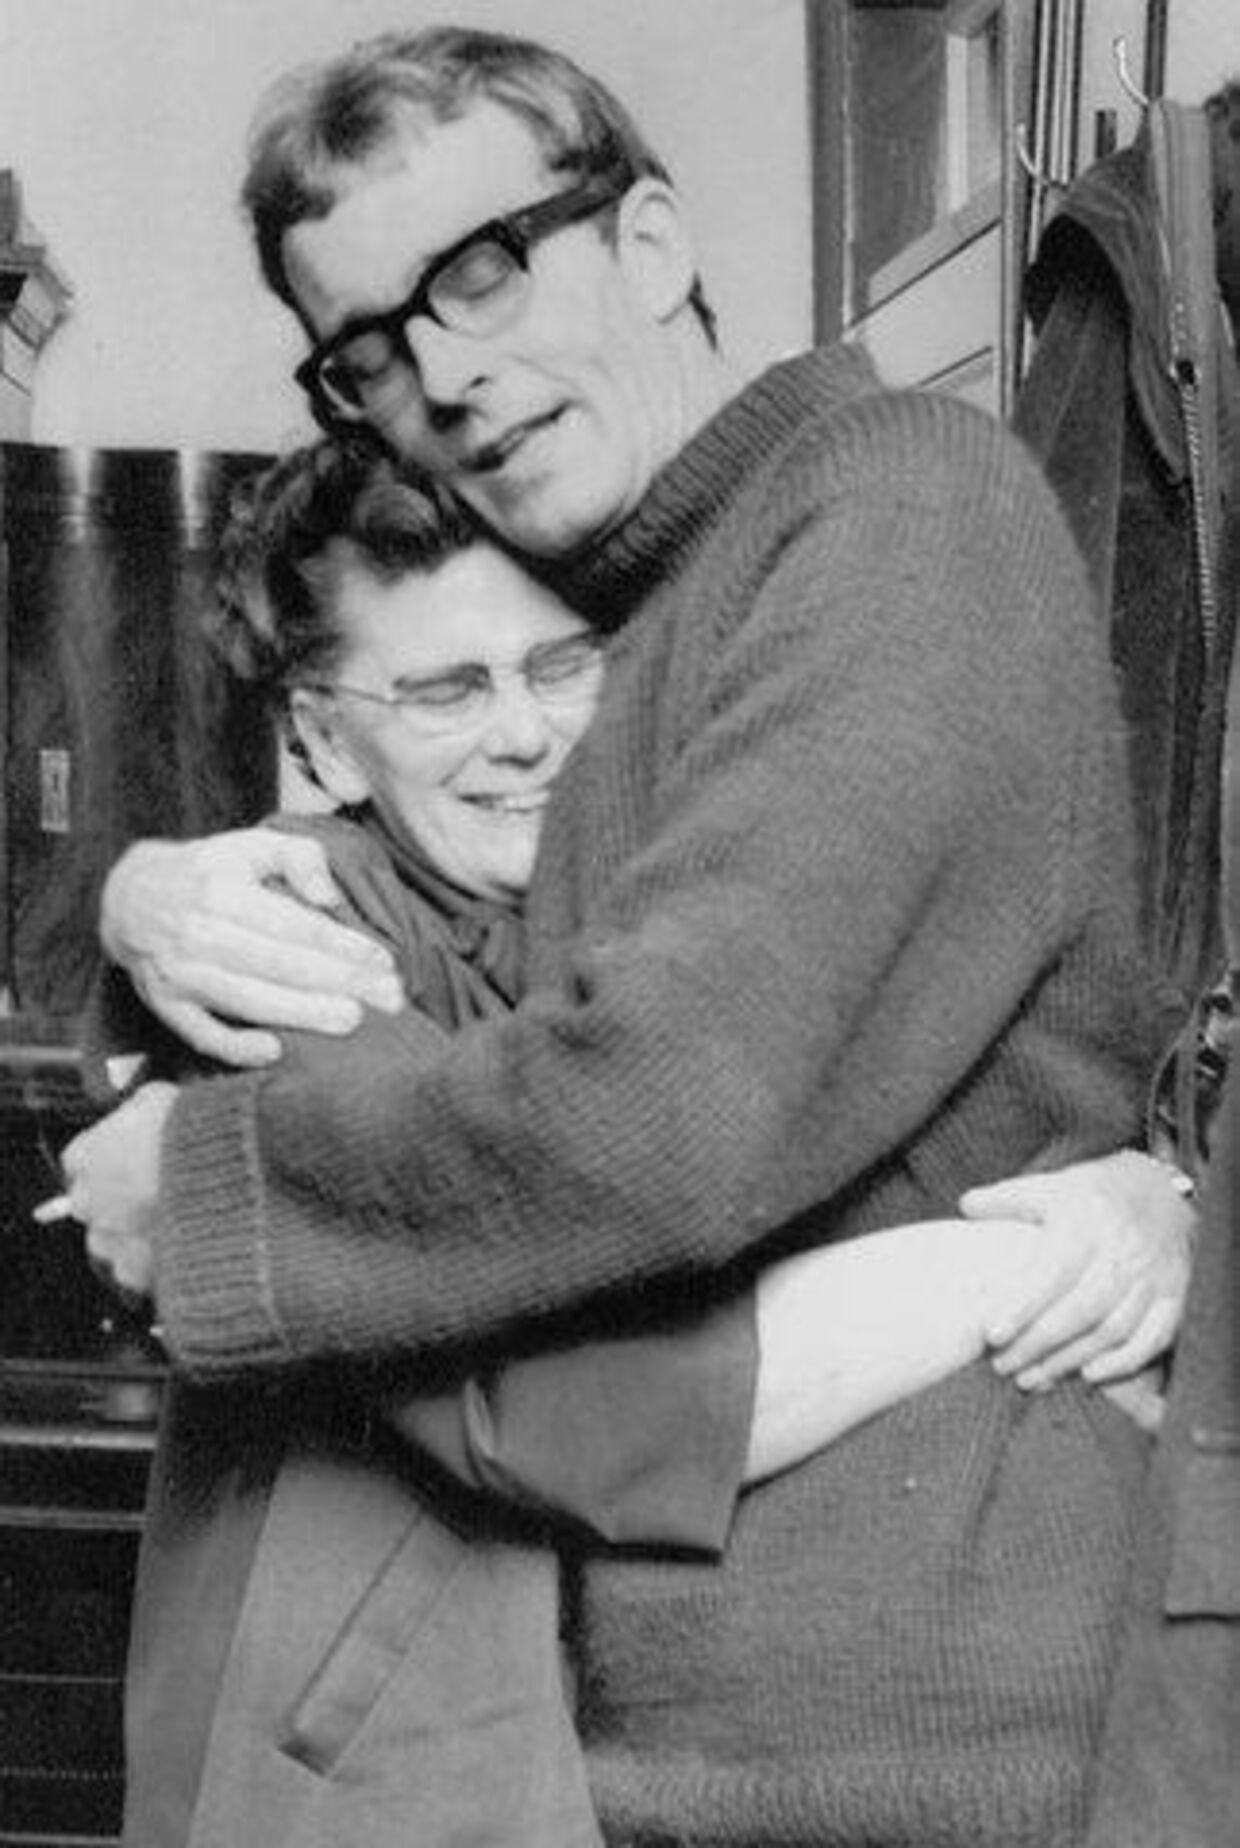 Amdis gamle mor, Eva Petersen, satte sig resolut ind i sin bil og kørte i to timer, for at komme til Sønderjylland og knuse sin løsladte søn. Arkivfoto: Leif Nyholm